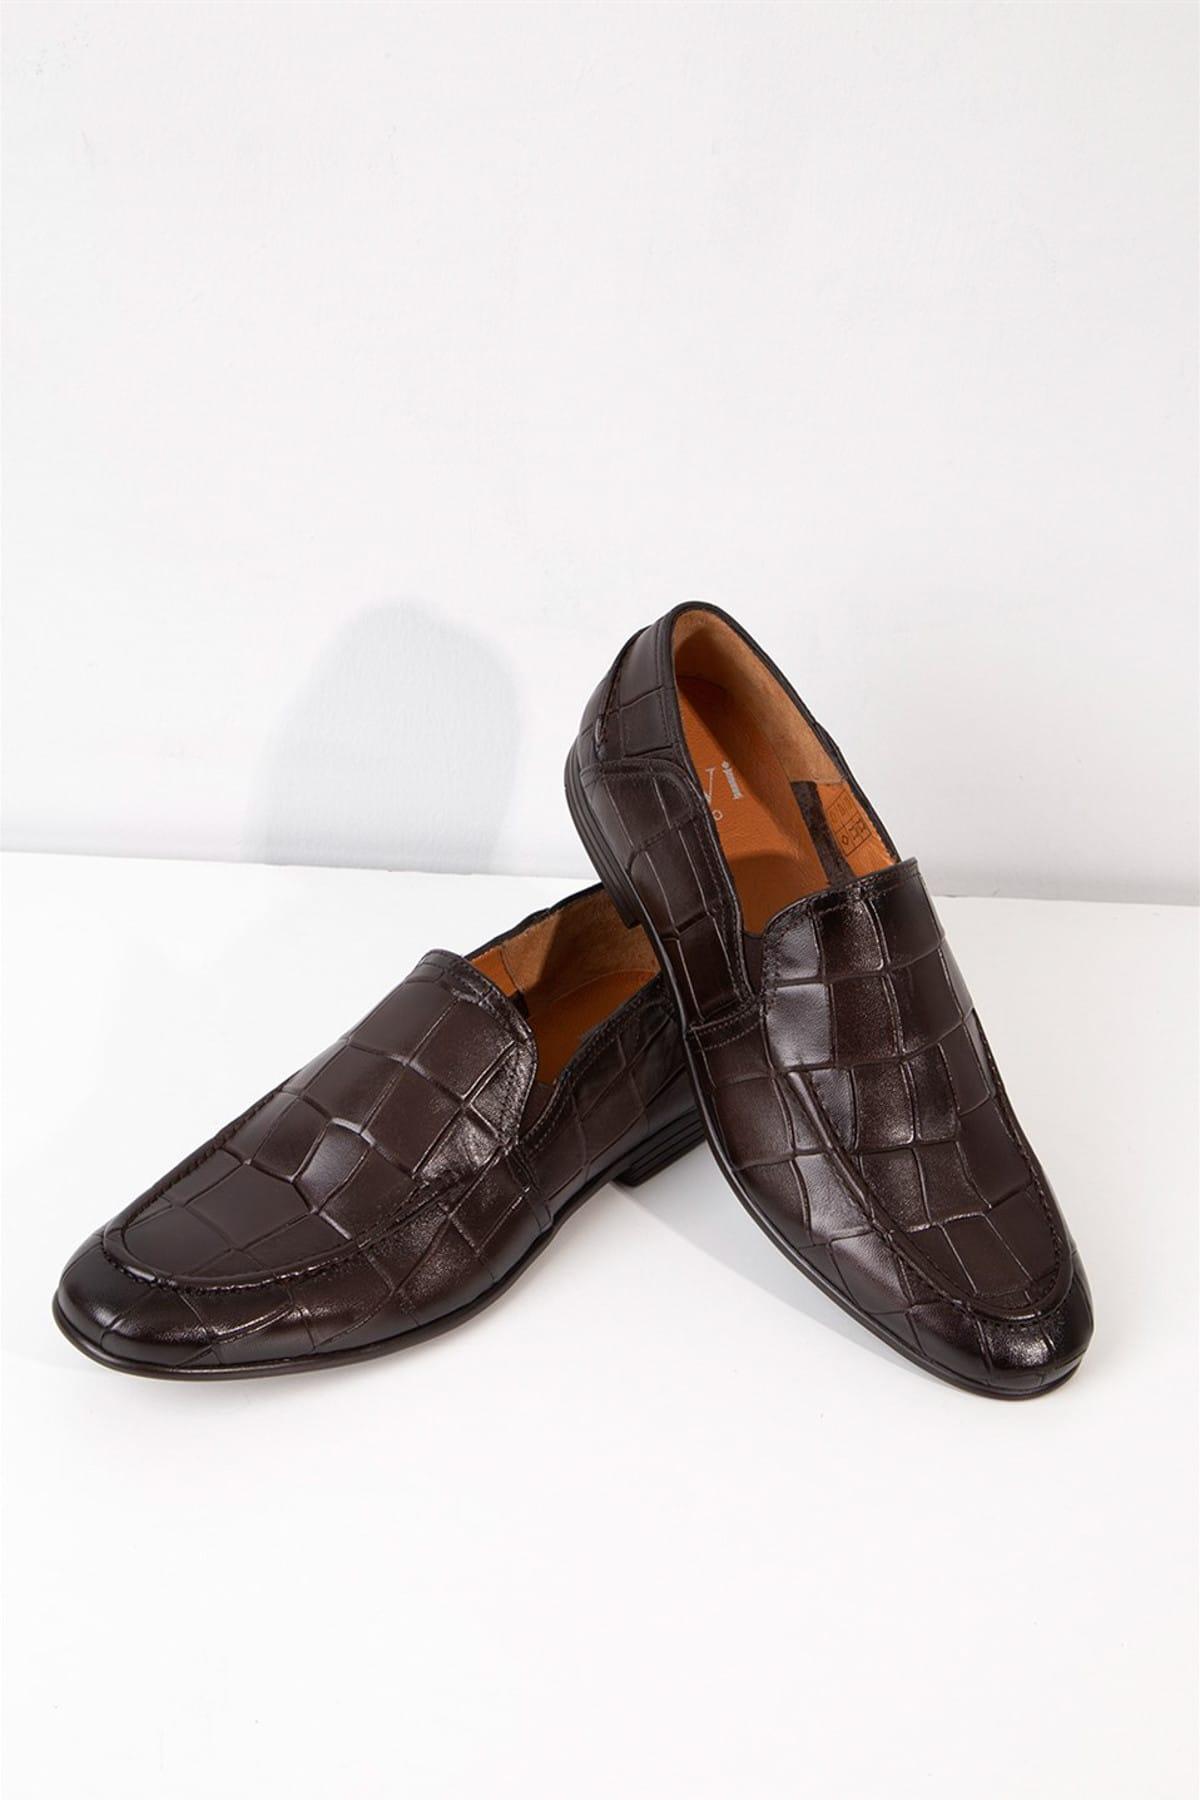 b6c947124466f İLVİ Erkek Rudolf Klasik Ayakkabı Kahve Kroko Rudolf-19204.165 ...